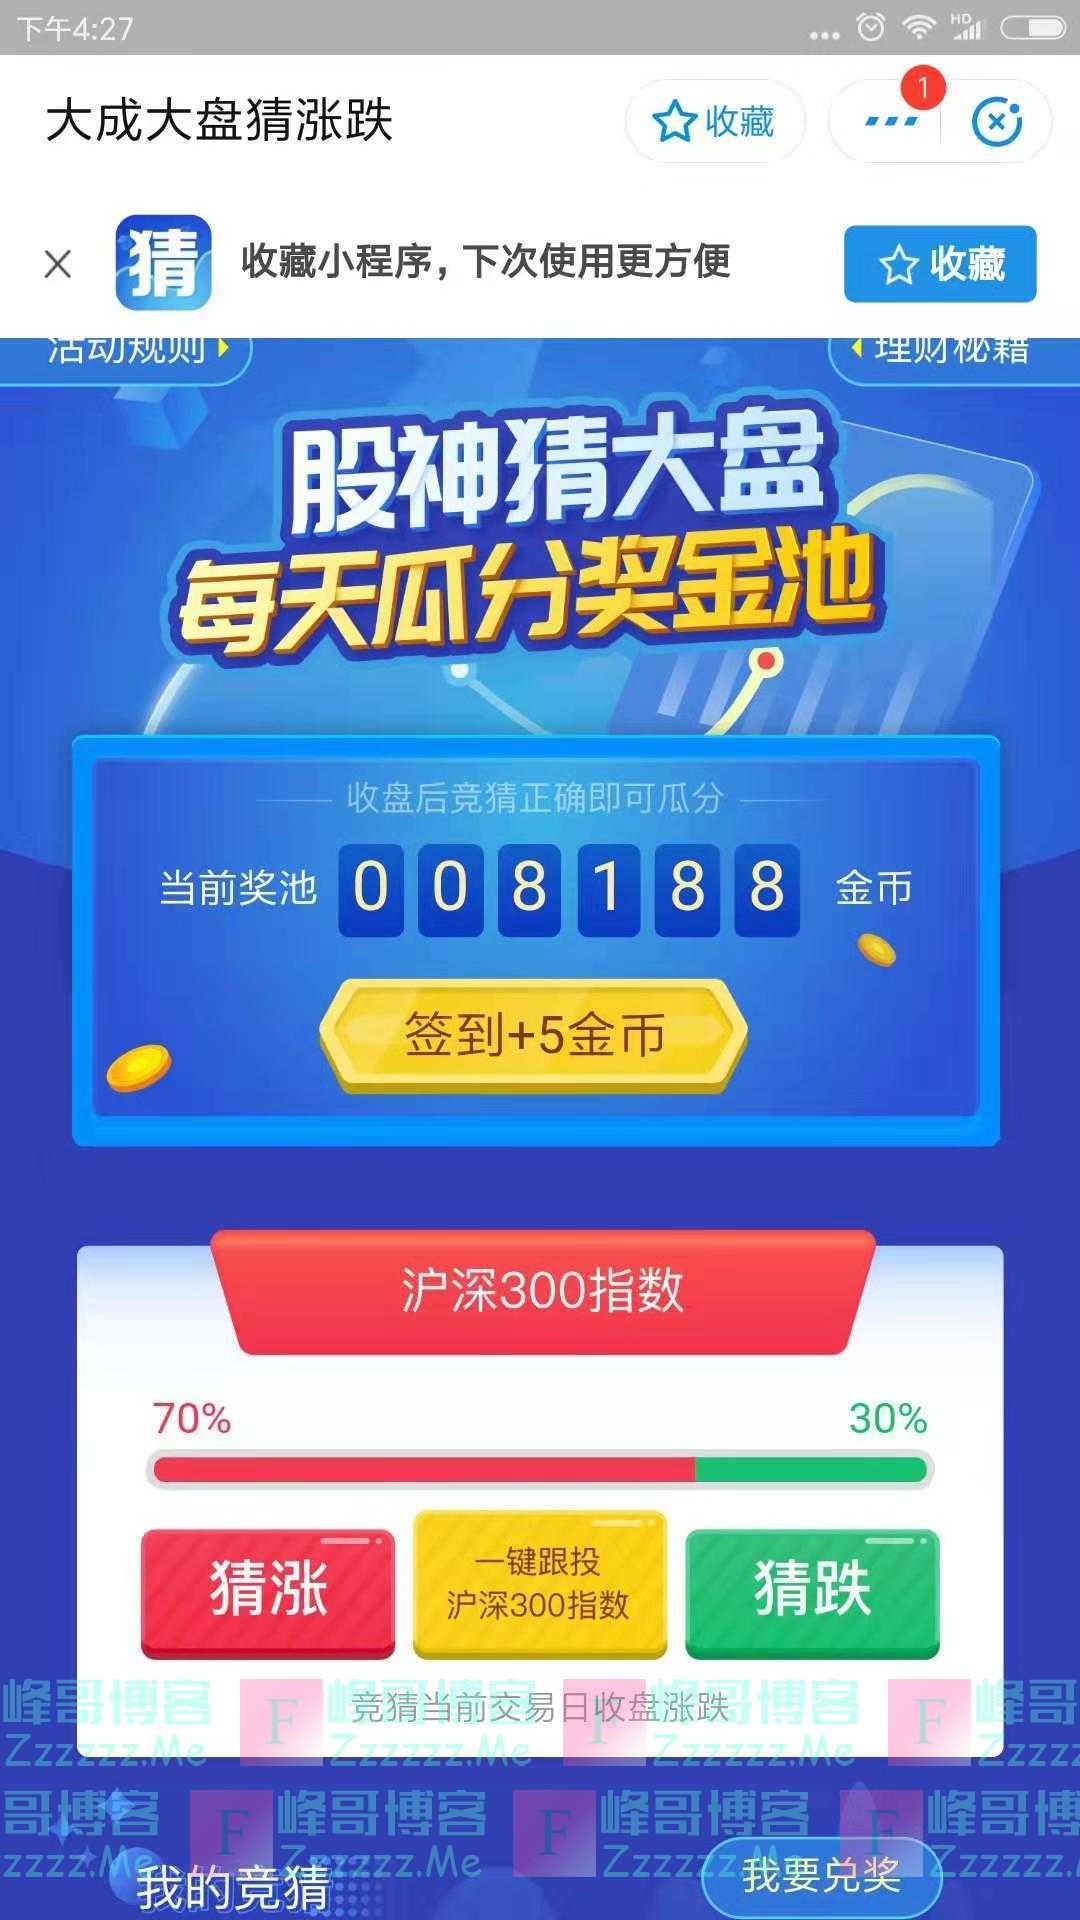 大成基金大盘猜涨跌 瓜分金币兑好礼(截止5月30日)